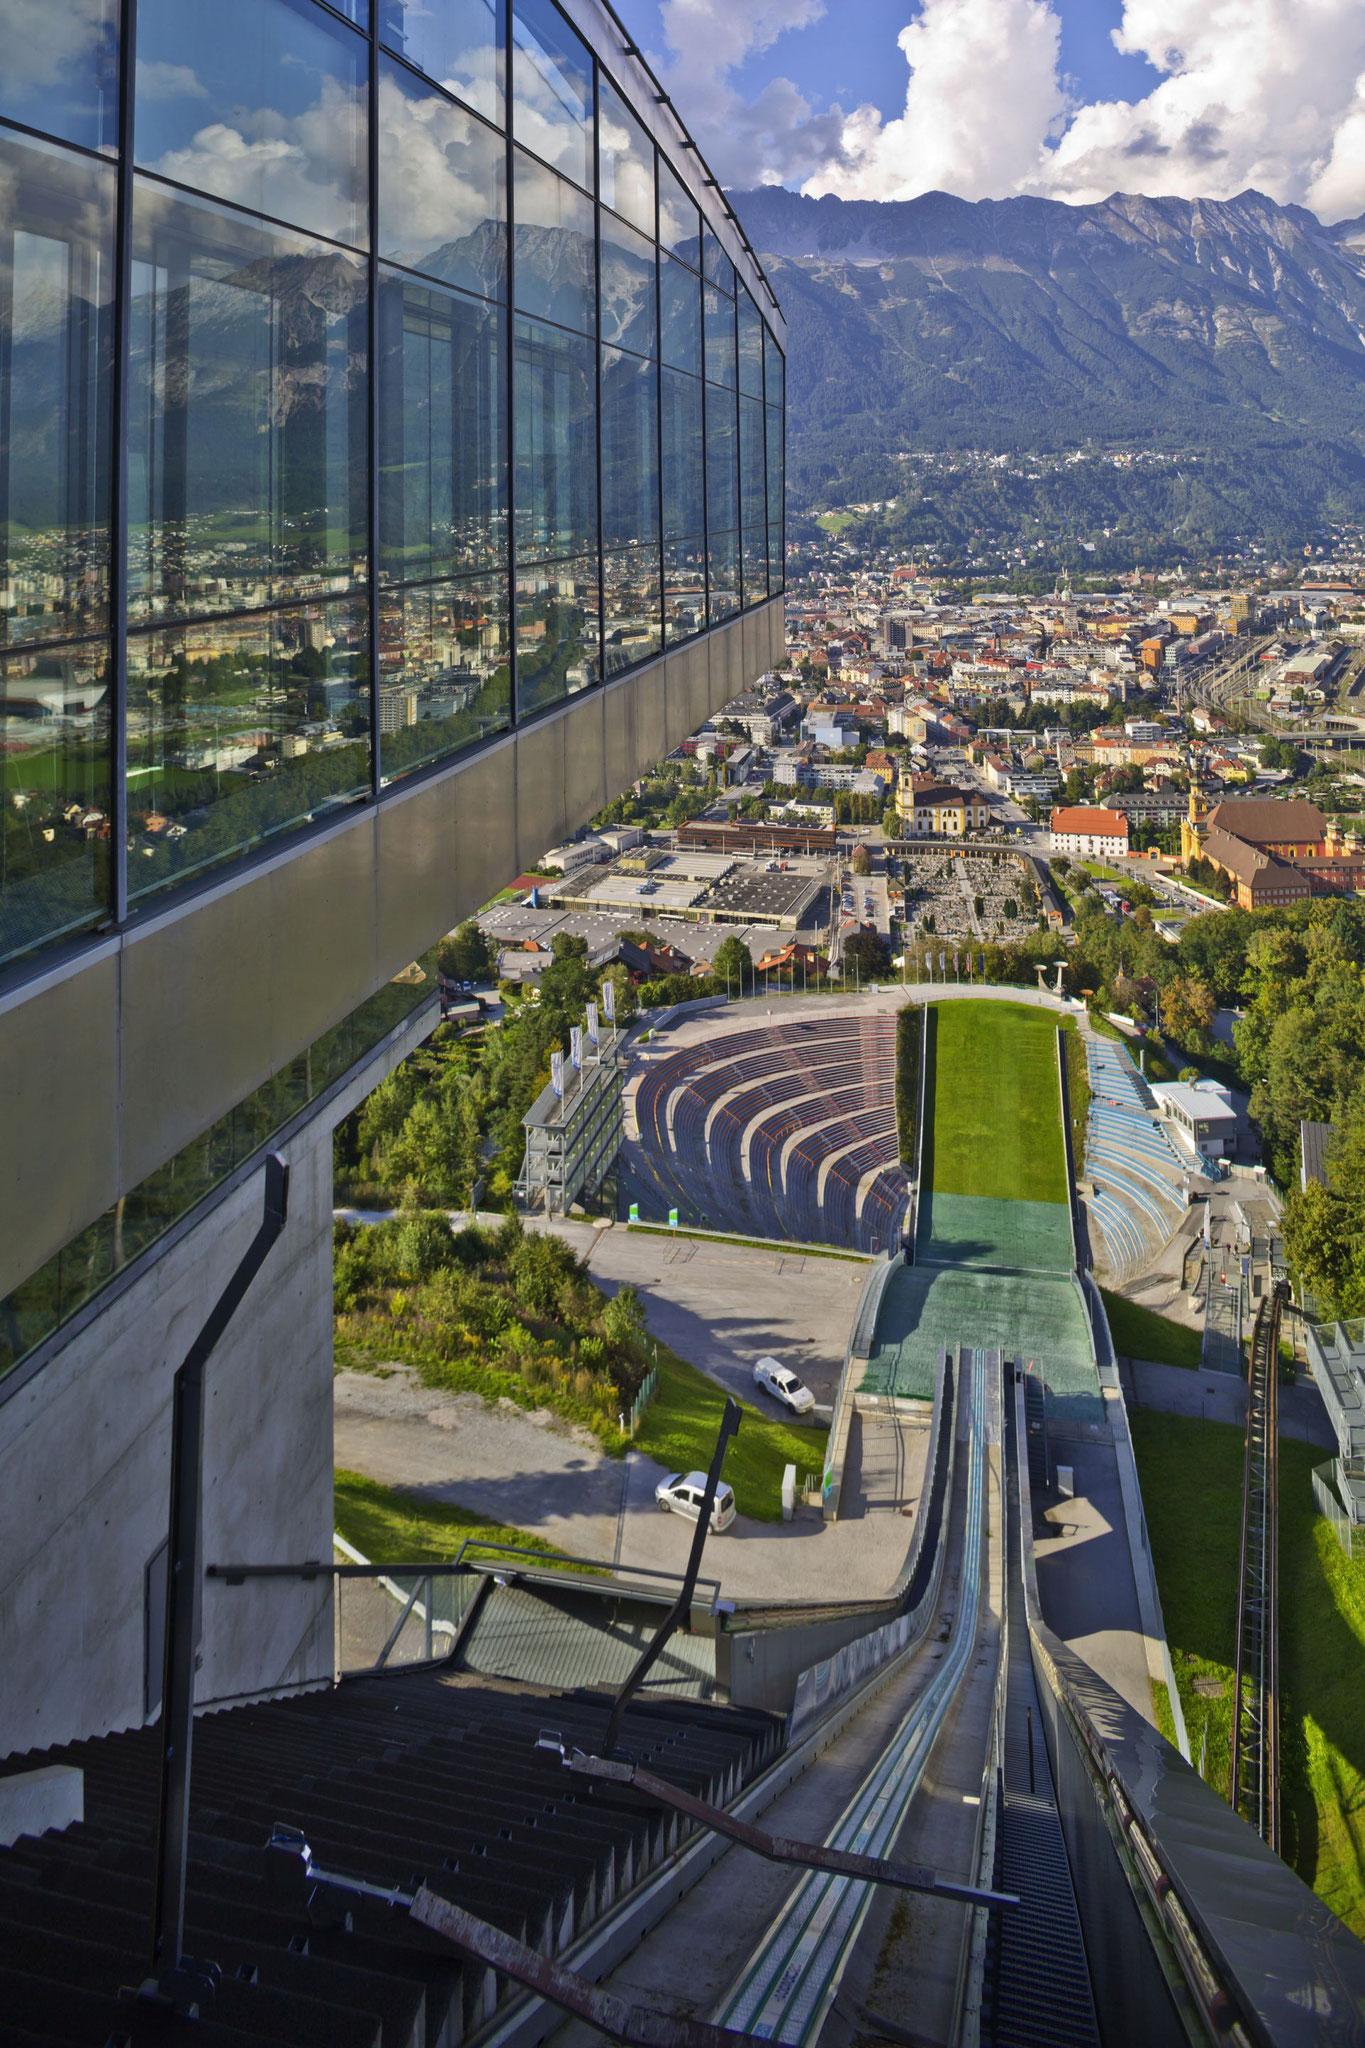 Den Blick von der Bergisel-Skischanze kennt wohl jeder aus dem Fernsehen.  (Foto: Innsbruck Tourismus/Christof Lackner)